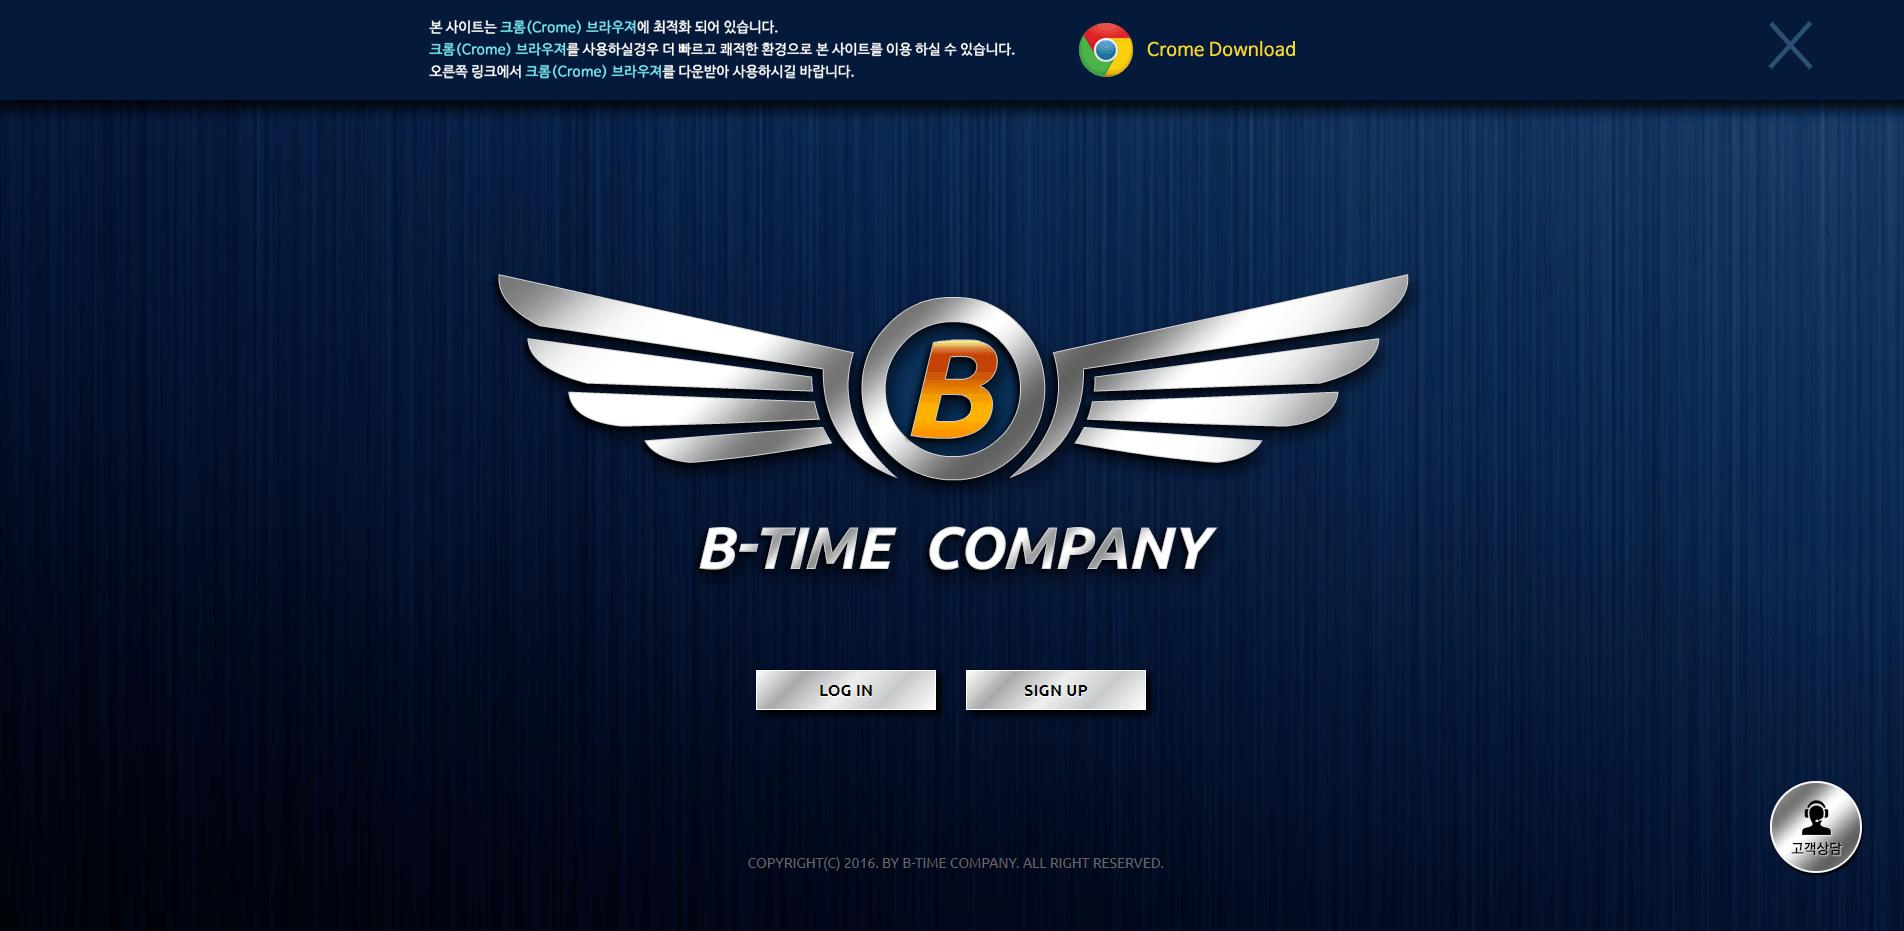 [먹튀검증]비타임(B-time) B-time345.com 먹튀사이트확정 토토사이트 먹튀검증업체 토토안내소